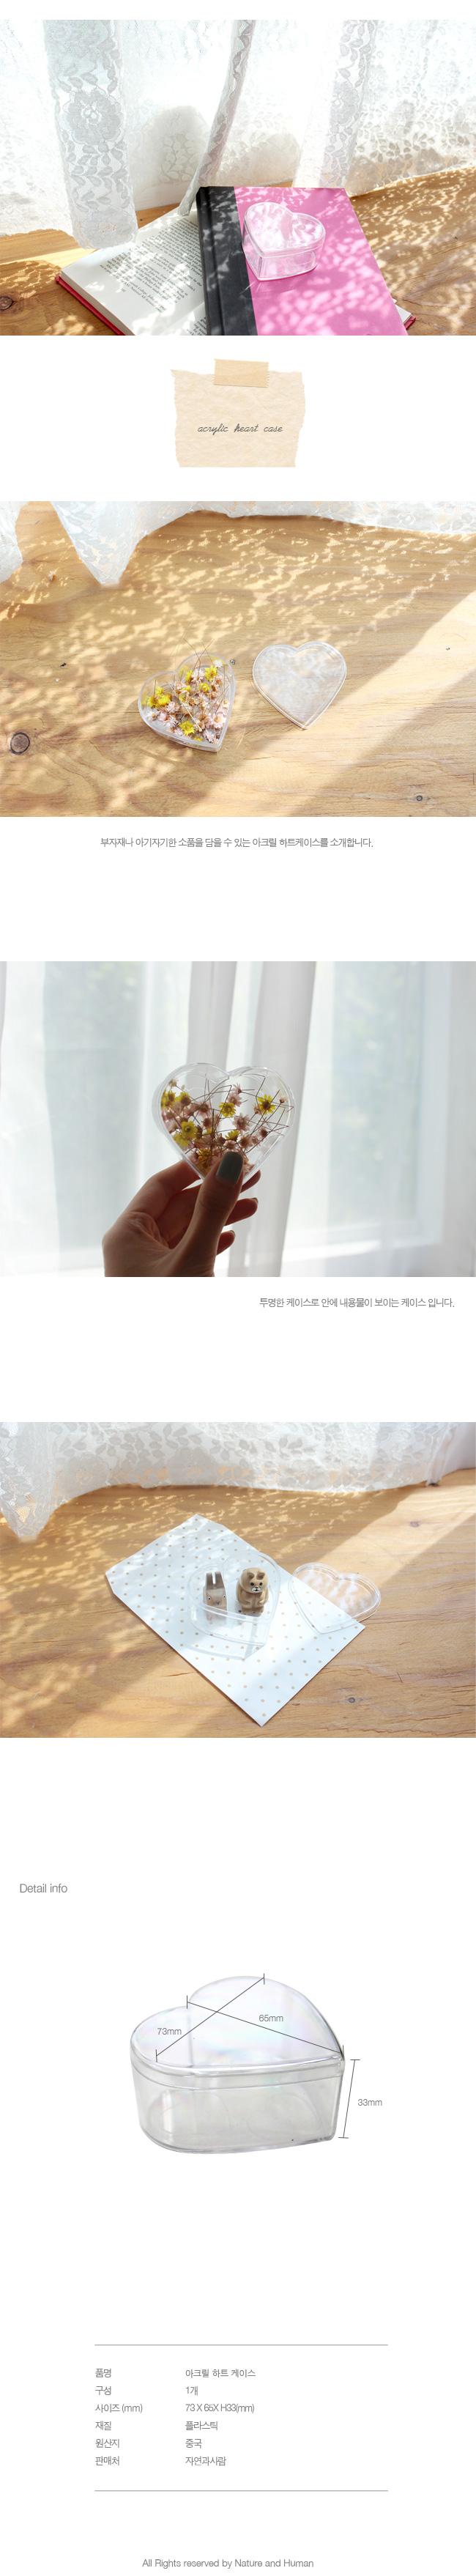 아크릴 하트케이스 - 자연과사람, 1,000원, 장식소품, 소품케이스